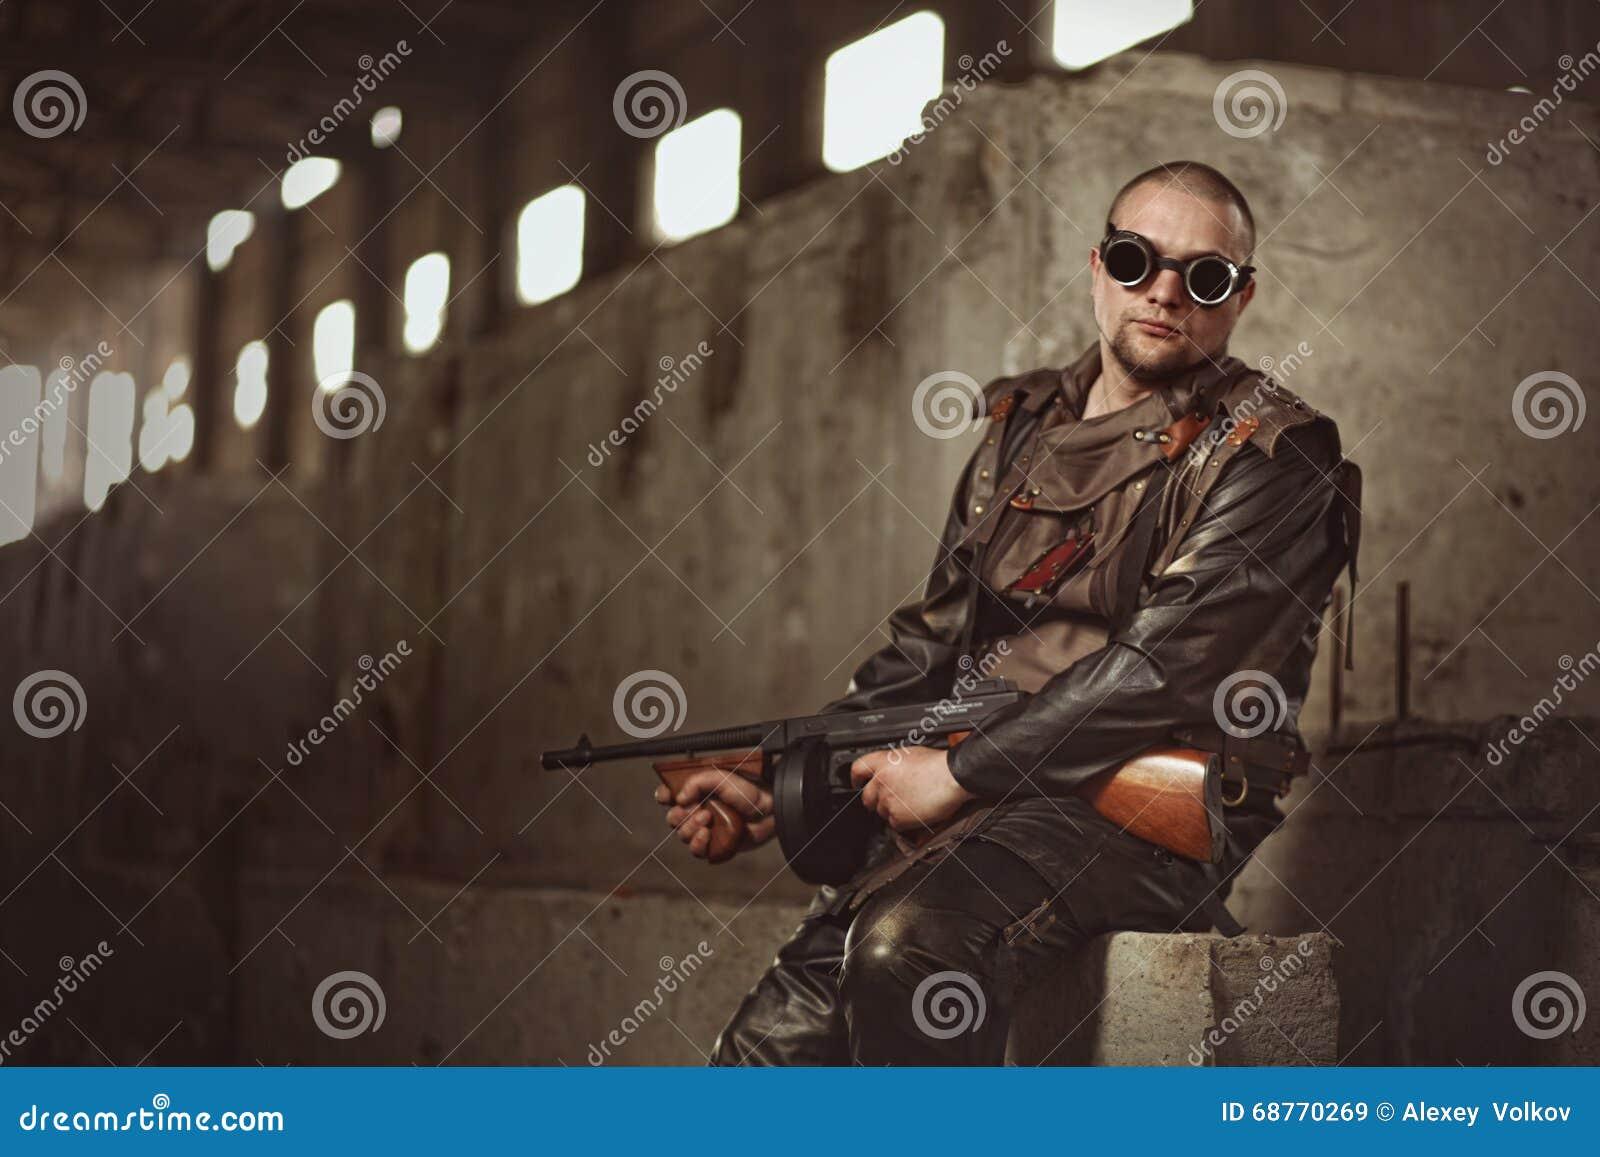 Retrato de un hombre del mundo posts-apocalíptico con la ametralladora y los vidrios negros en un edificio abandonado